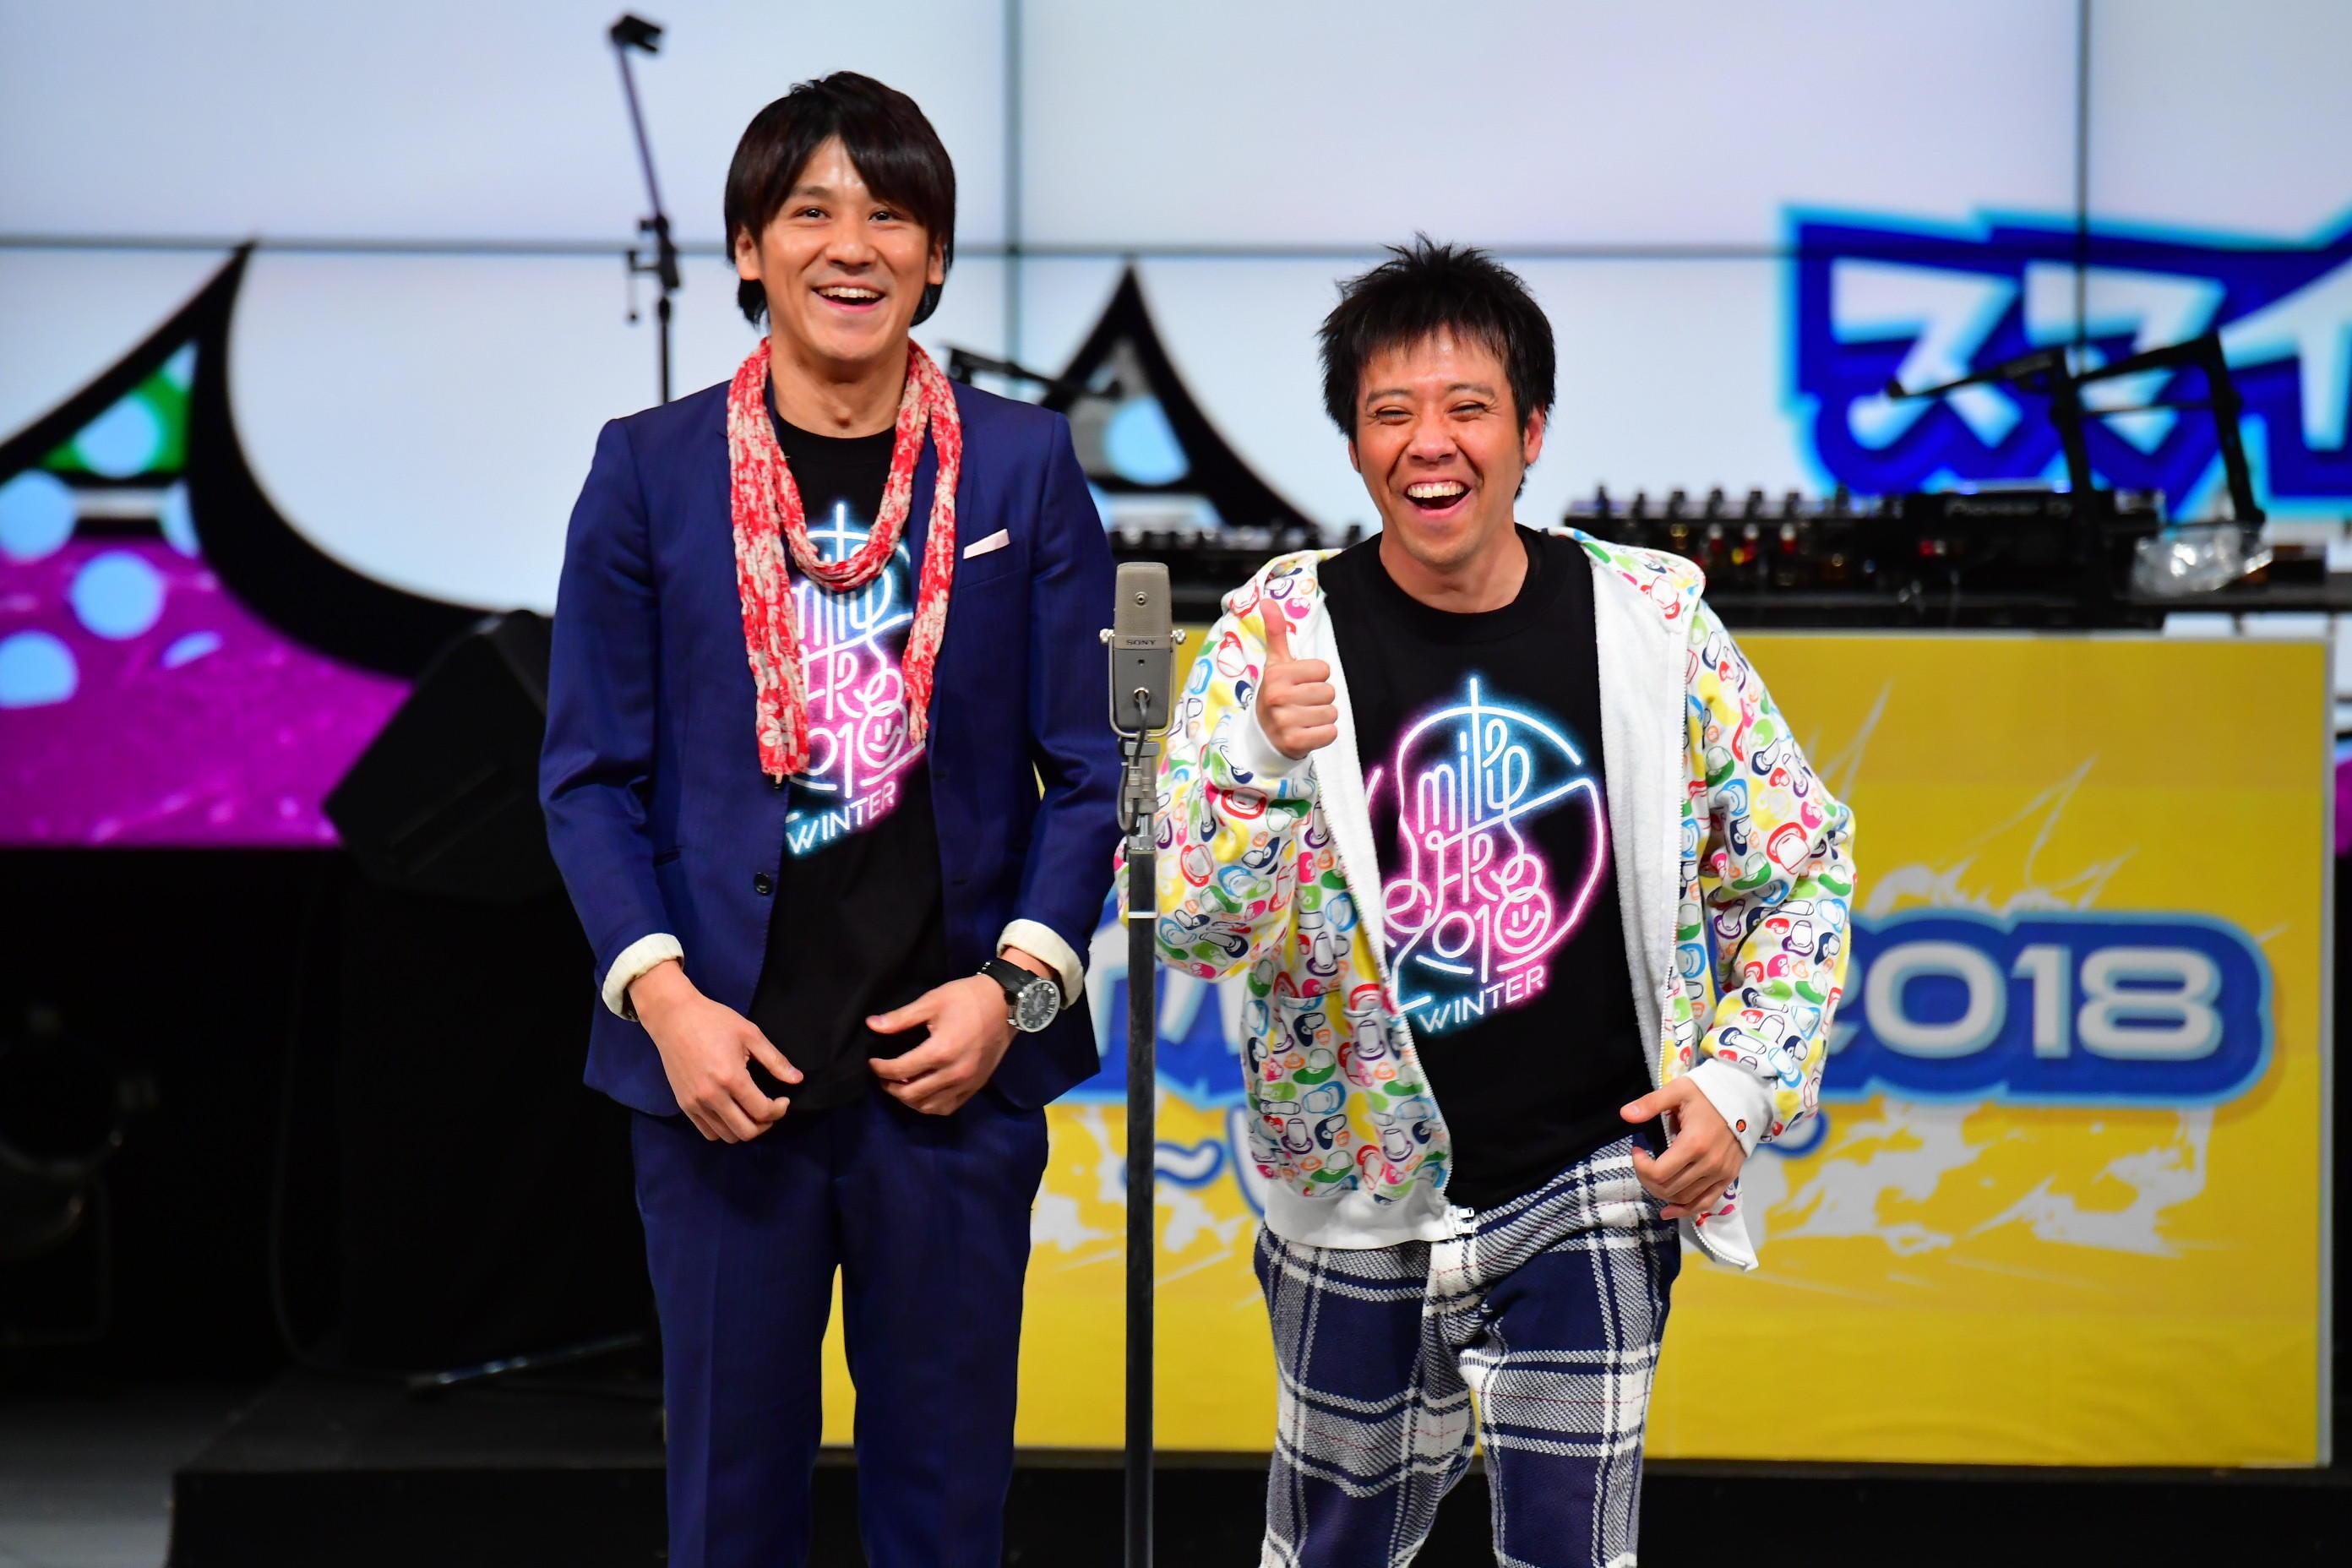 http://news.yoshimoto.co.jp/20180119005834-8ca21315c0e79669efbdf07165183b88e95a37dc.jpg